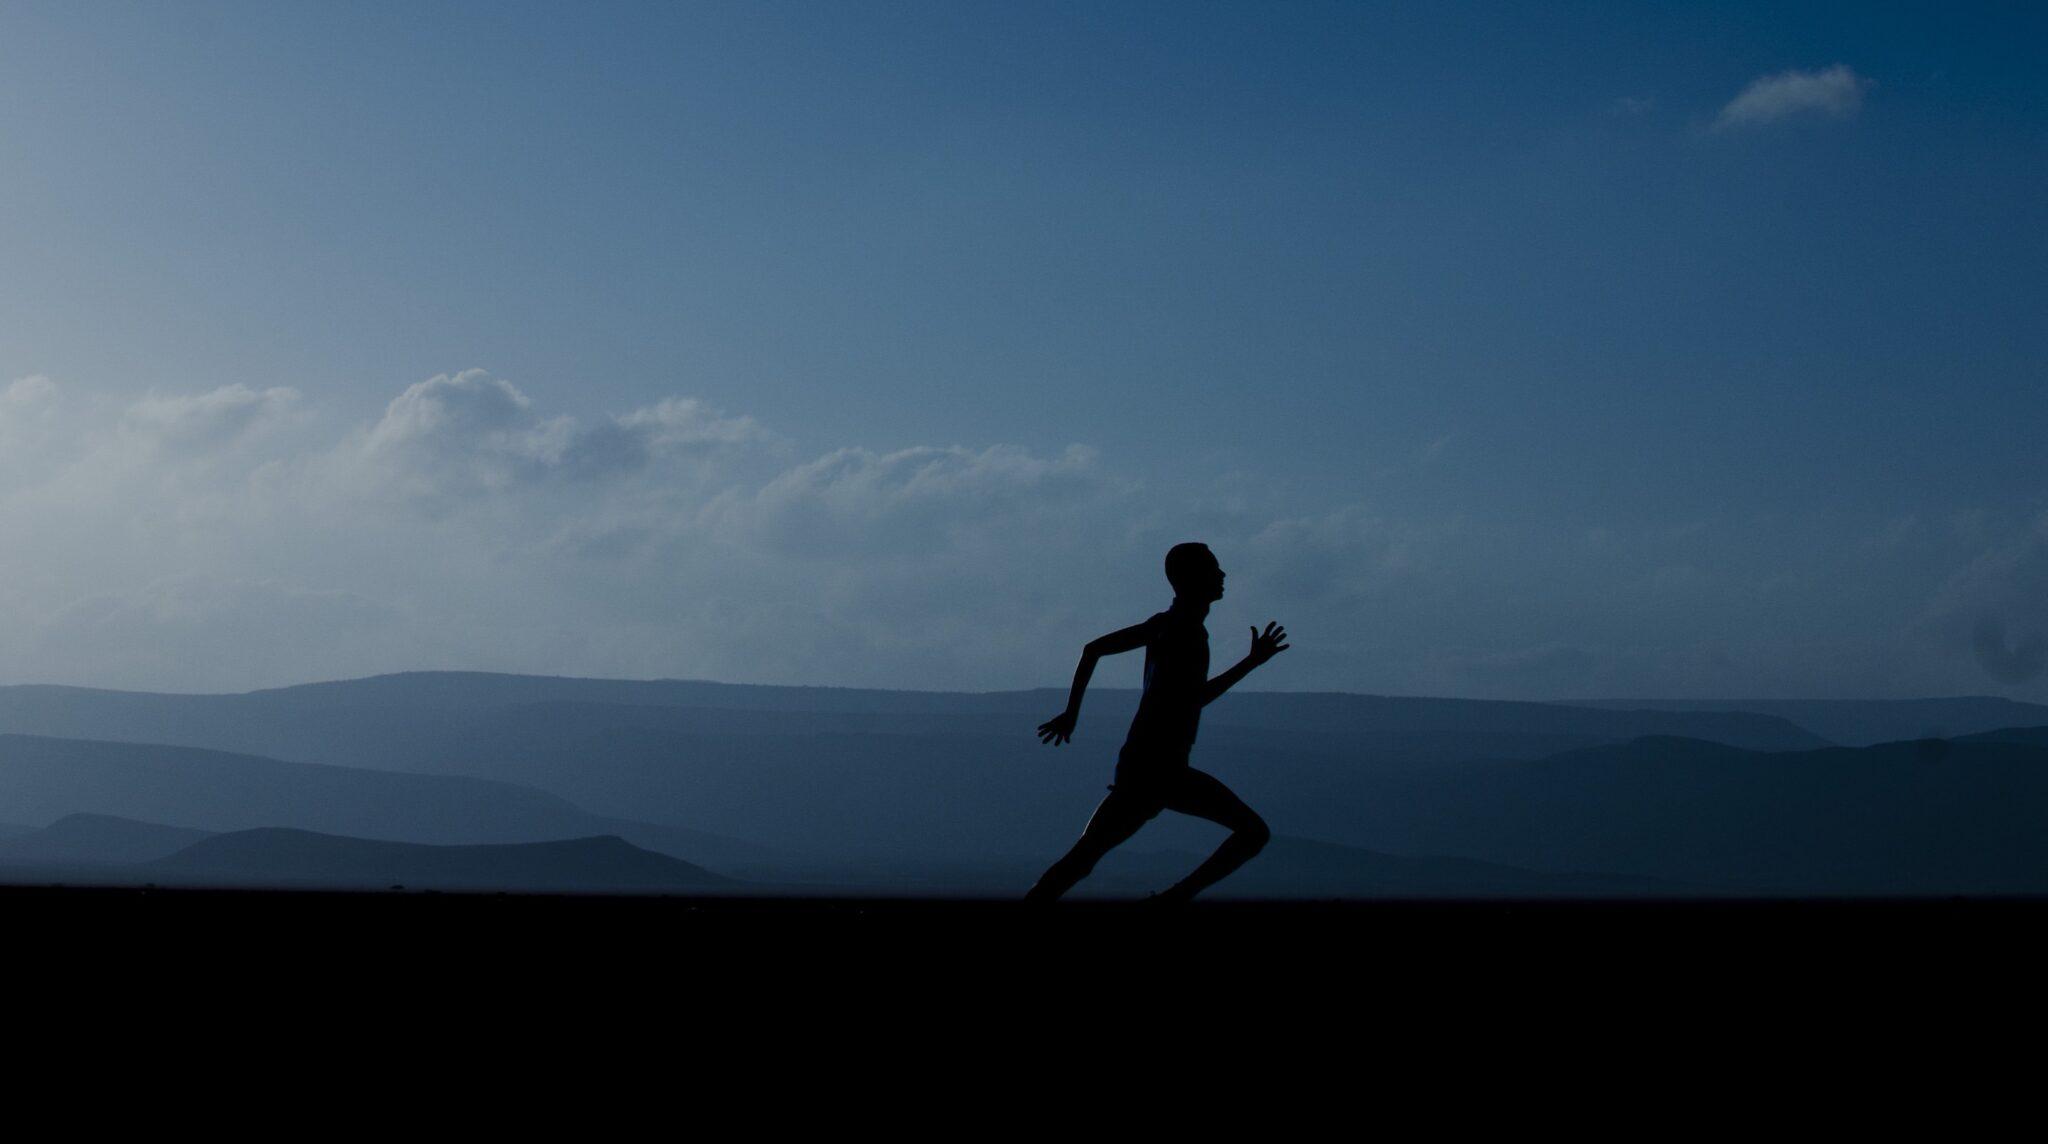 Silhouette eines Joggers vor einer weitläufigen Landschaft